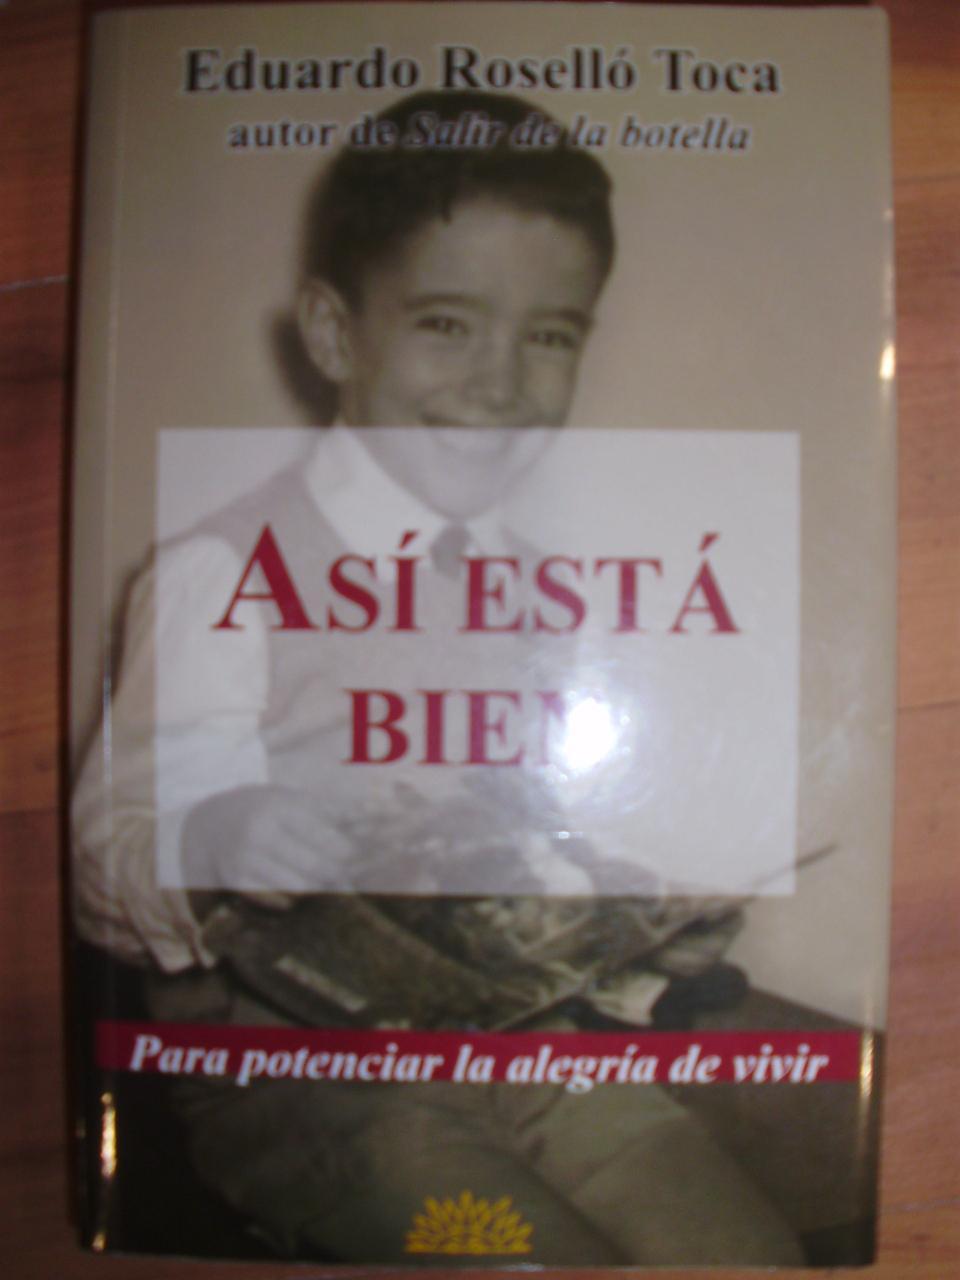 ASÍ ESTÁ BIEN. Para potenciar la alegría de vivir (Madrid, 2005) - Eduardo Roselló Toca